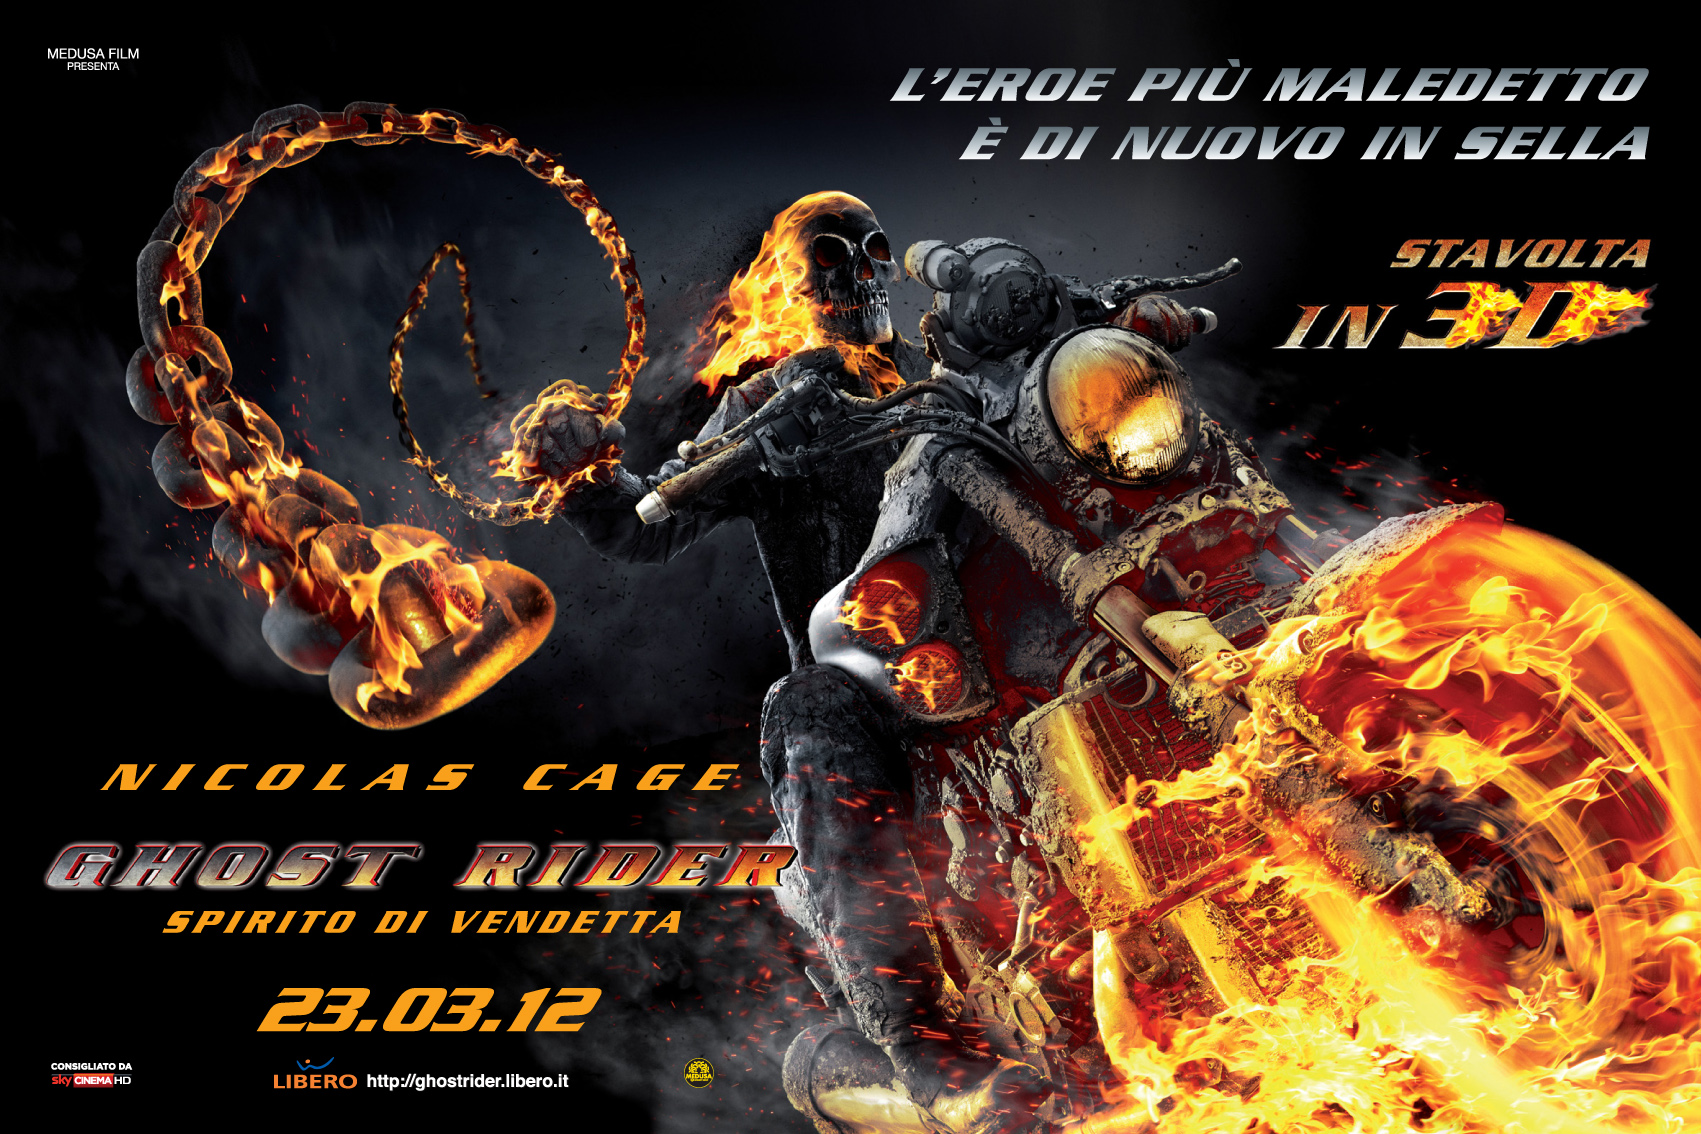 Prime visioni, tutte le uscite al cinema di marzo 2012.